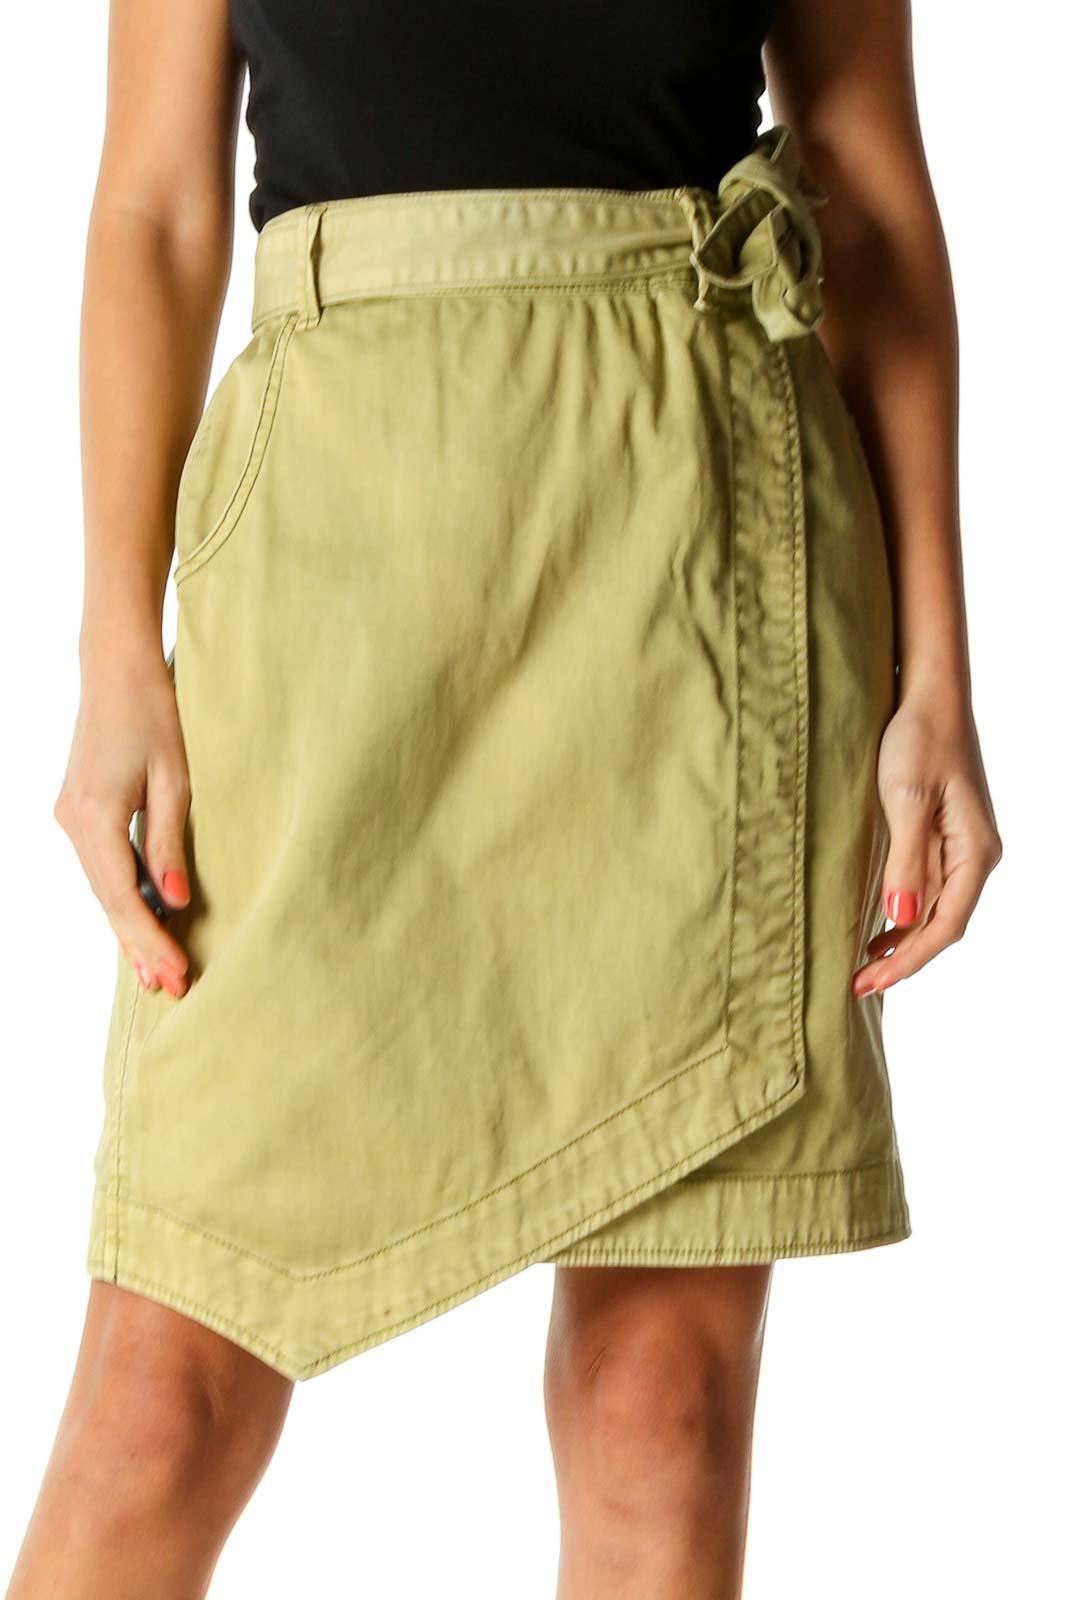 Green Punk A-Line Skirt Front